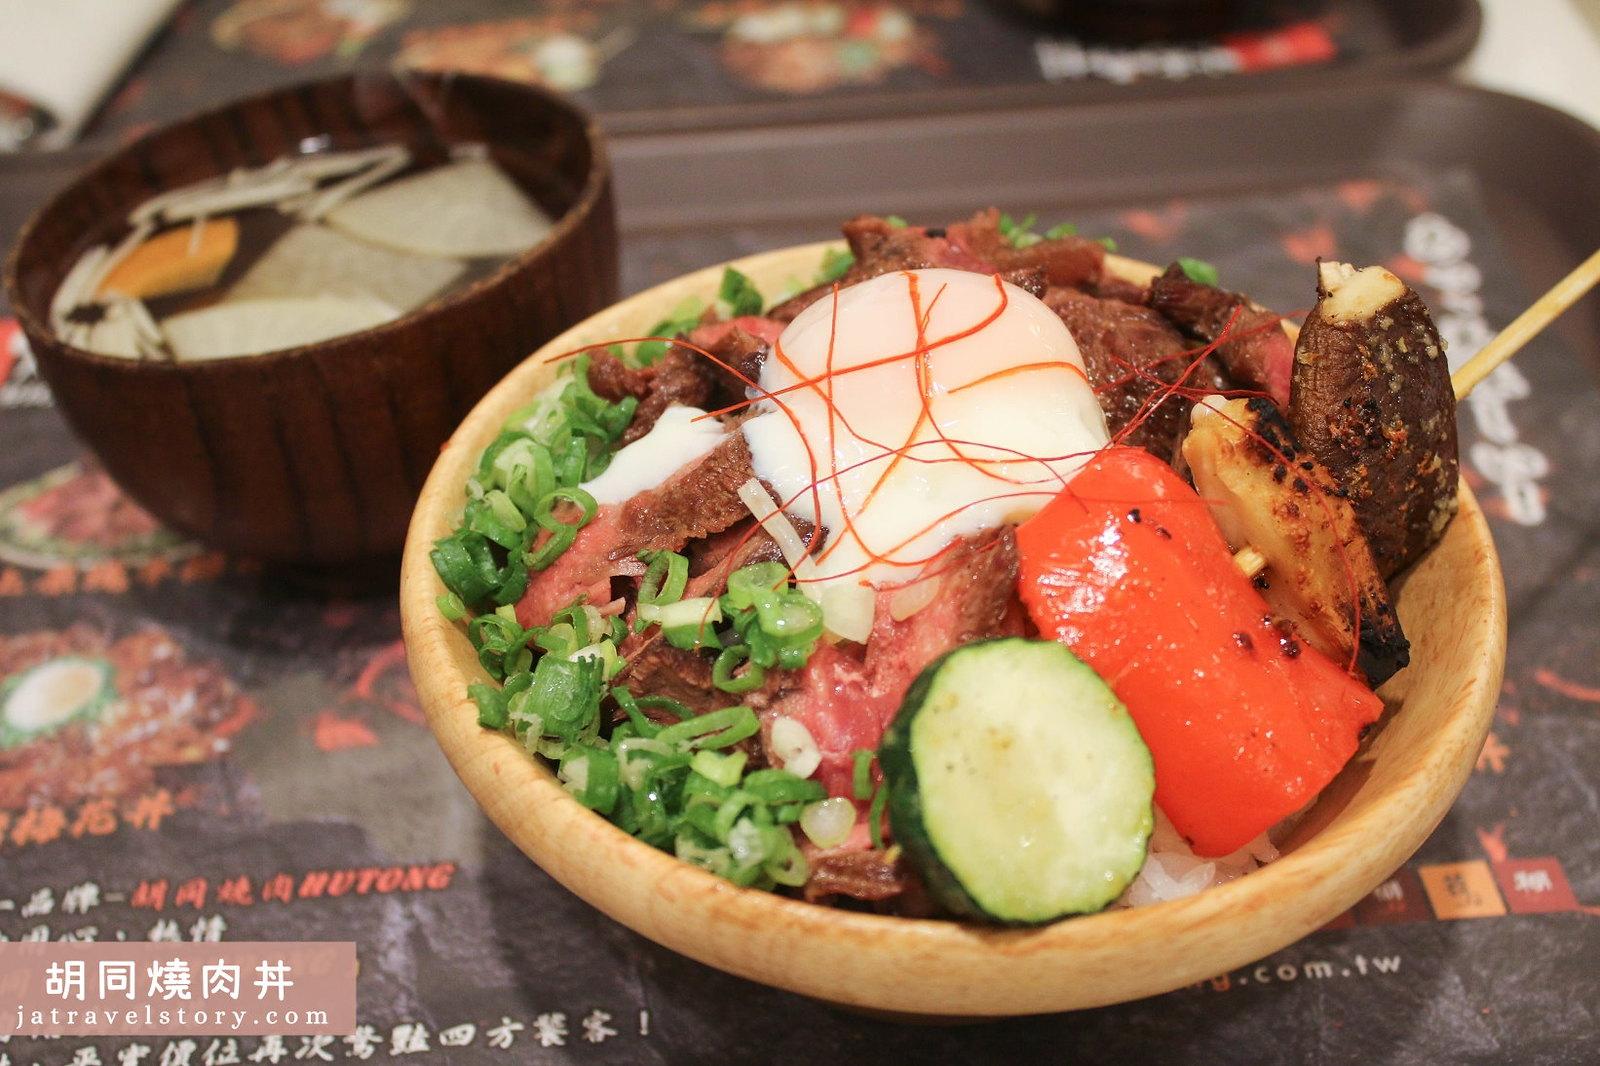 【台北美食】台北東區美食、東區聚餐餐廳懶人包 @J&A的旅行